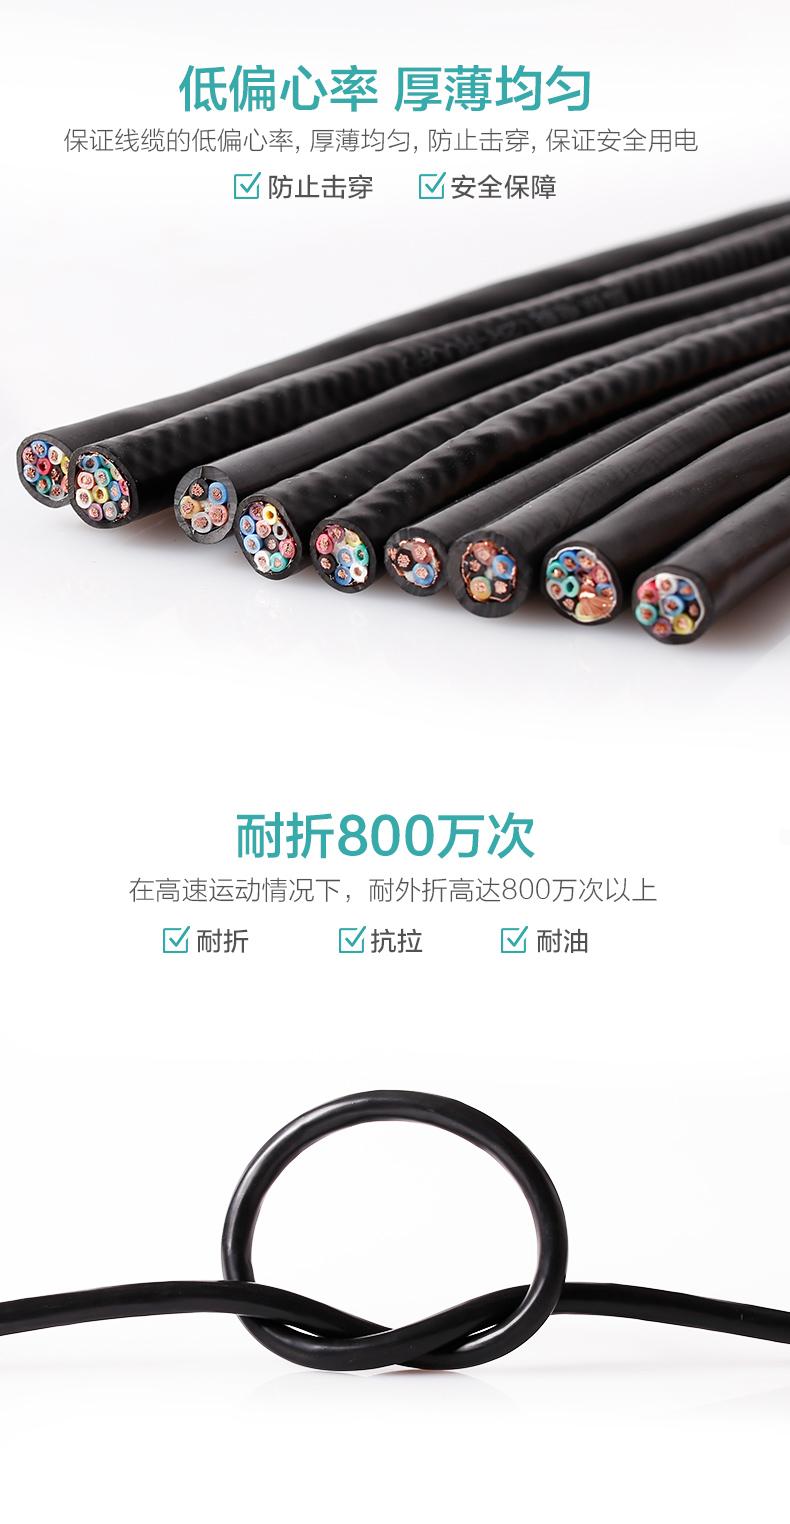 低偏心率-亿博体育娱乐电线KVVRP铜带编织屏蔽控制软铜芯护套控制电缆电线厂家